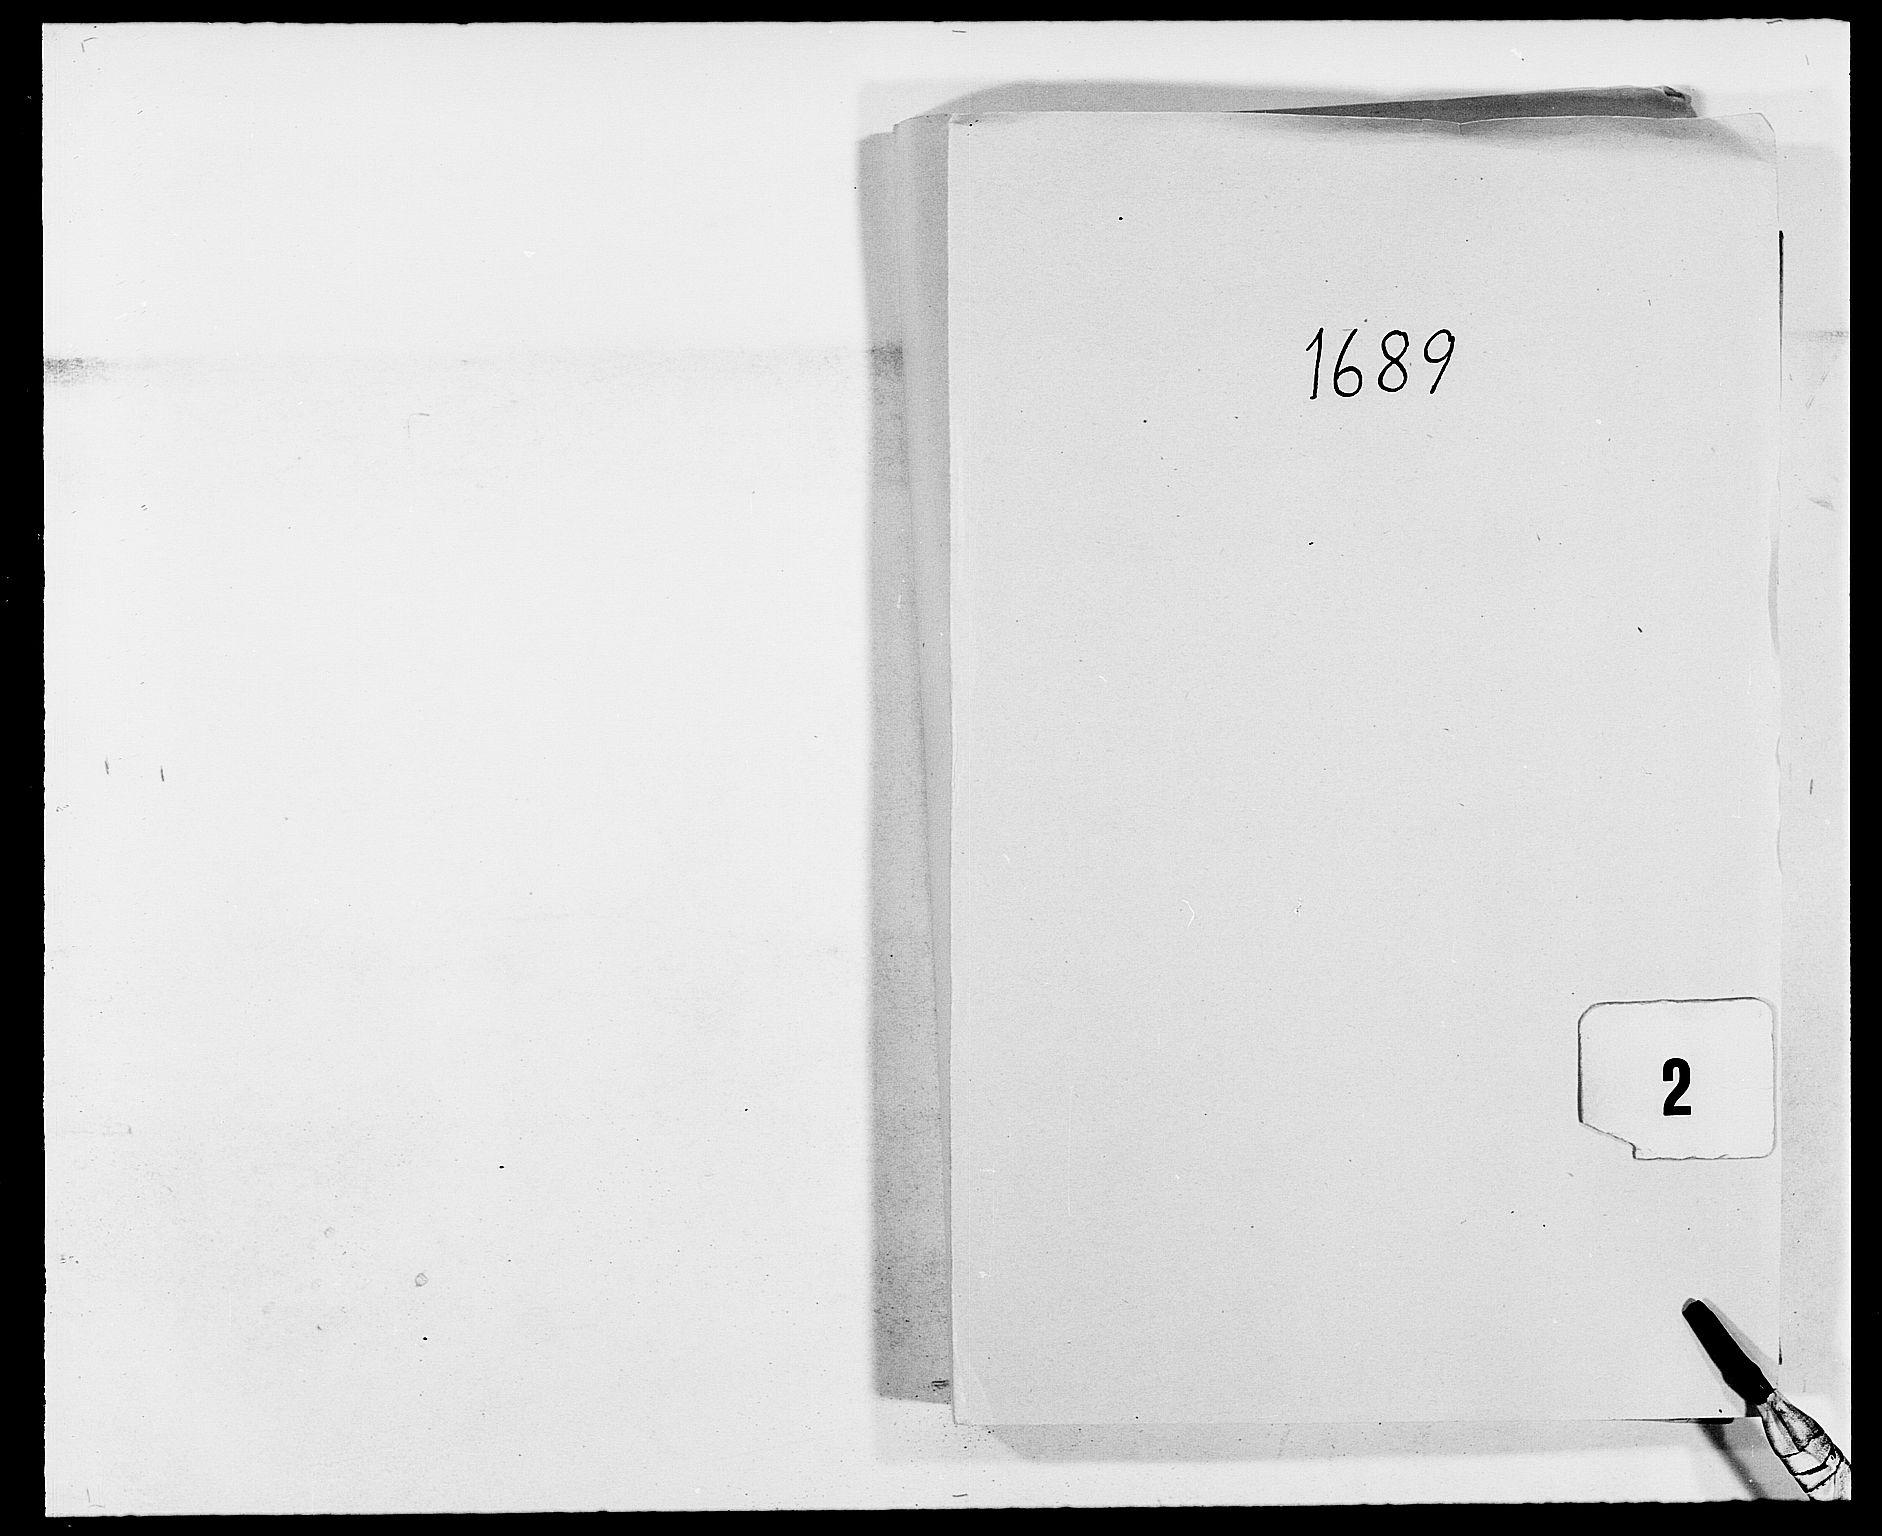 RA, Rentekammeret inntil 1814, Reviderte regnskaper, Fogderegnskap, R02/L0106: Fogderegnskap Moss og Verne kloster, 1688-1691, s. 147